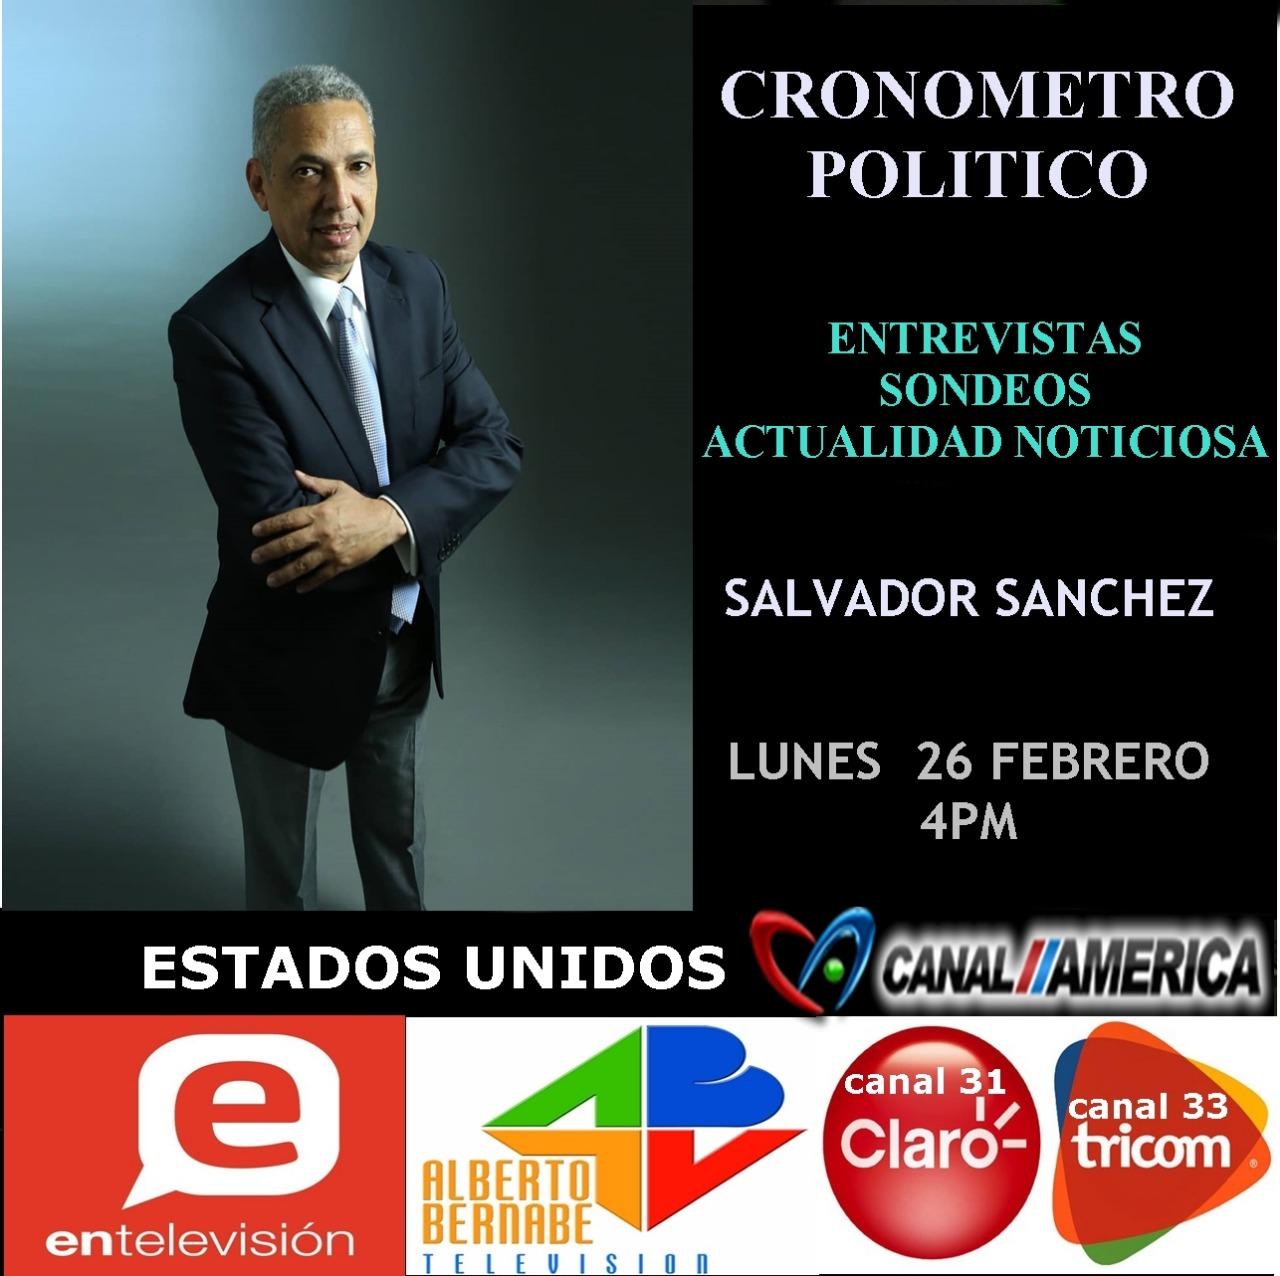 CRONOMETRO POLITICO